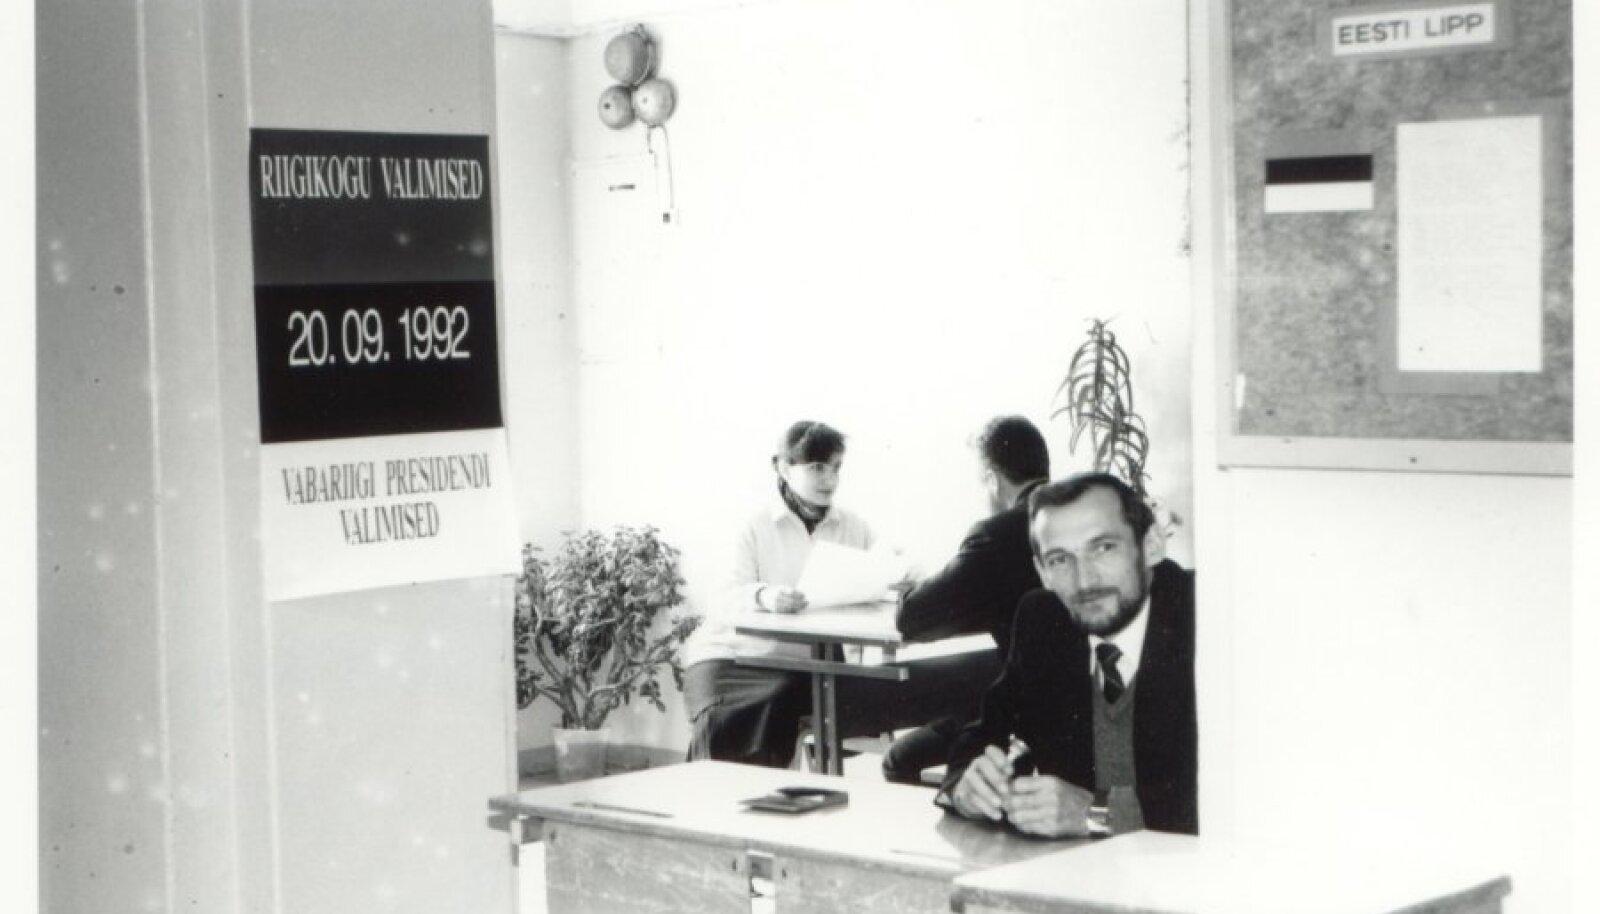 Riigikogu ja vabariigi presidendi valimised, foto